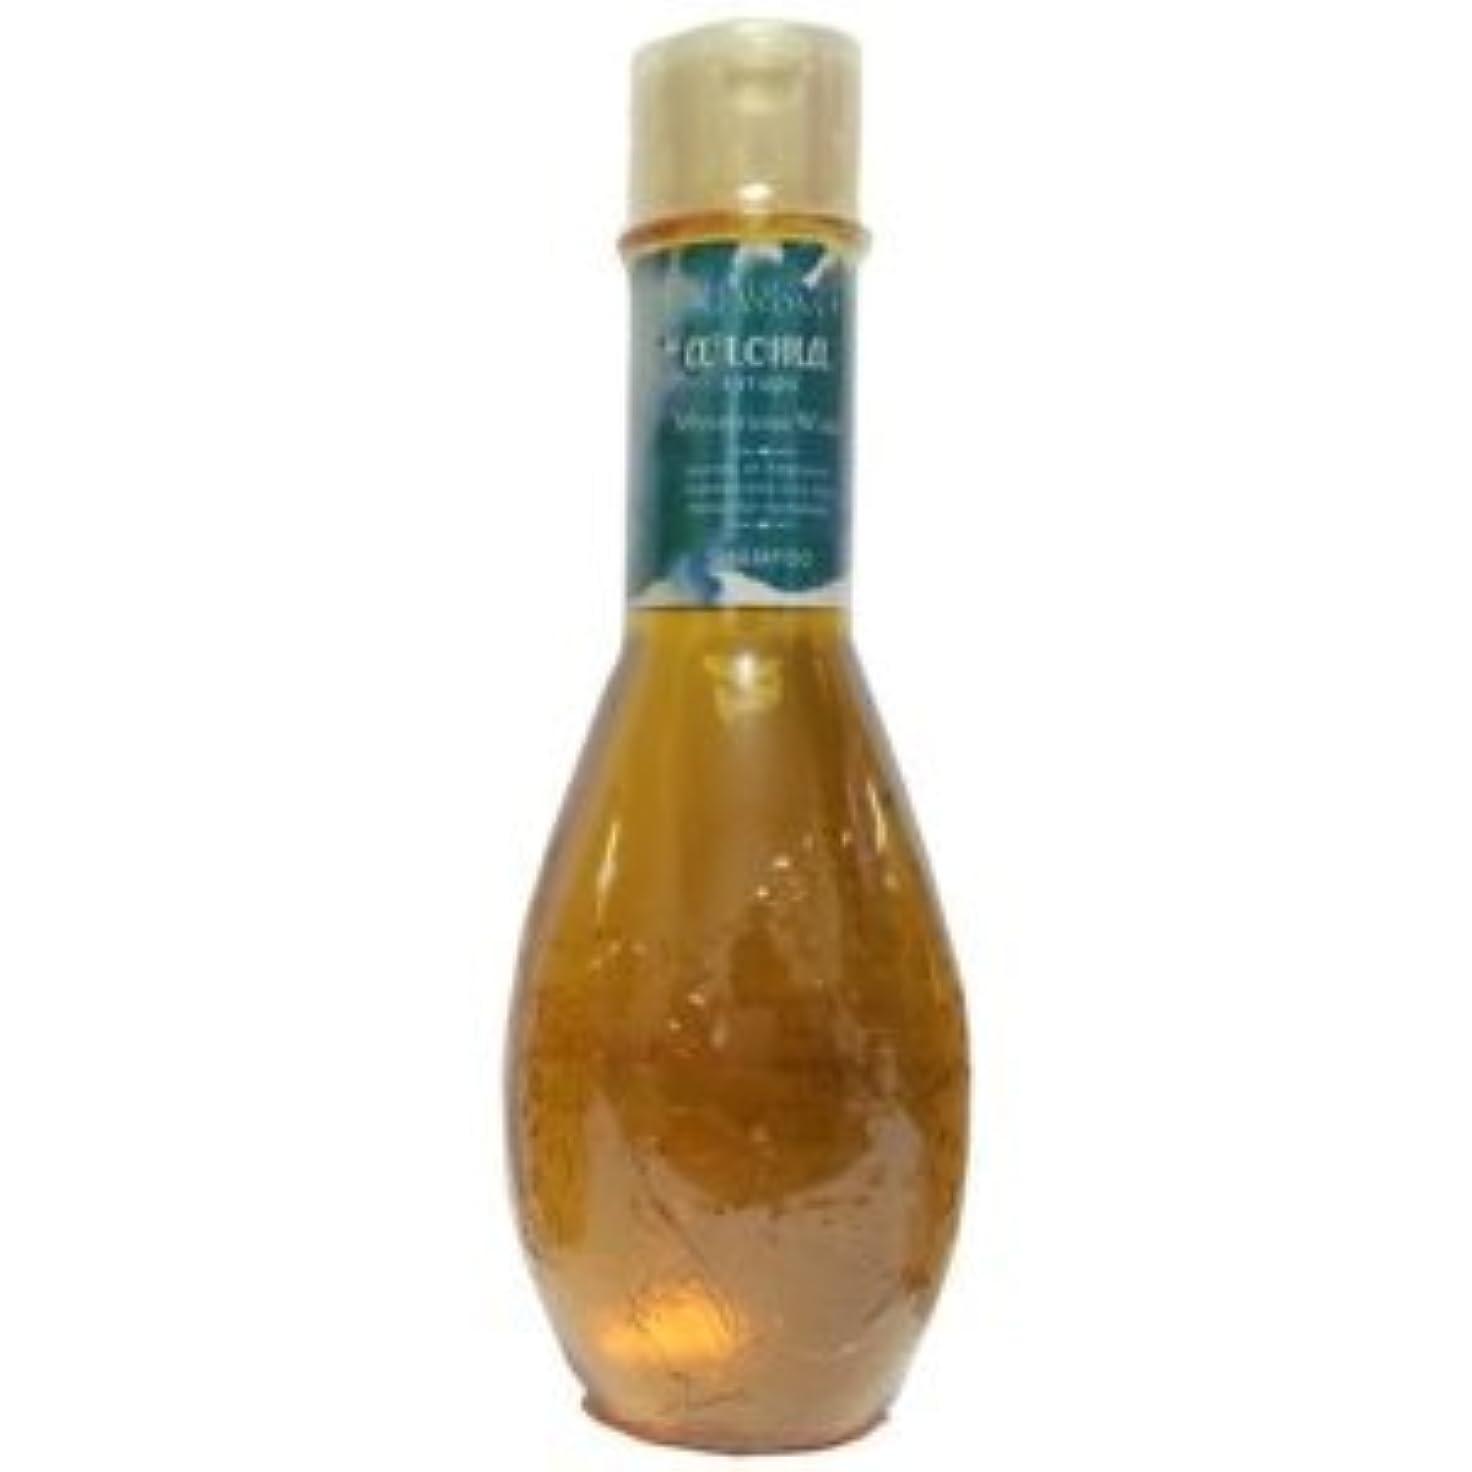 アンカーモンゴメリーるデミ ヘアシーズンズ アロマシロップス ミステリアスウィンド シャンプー <250mL×2個セット> DEMI HAIR SEASONS aloma syrups